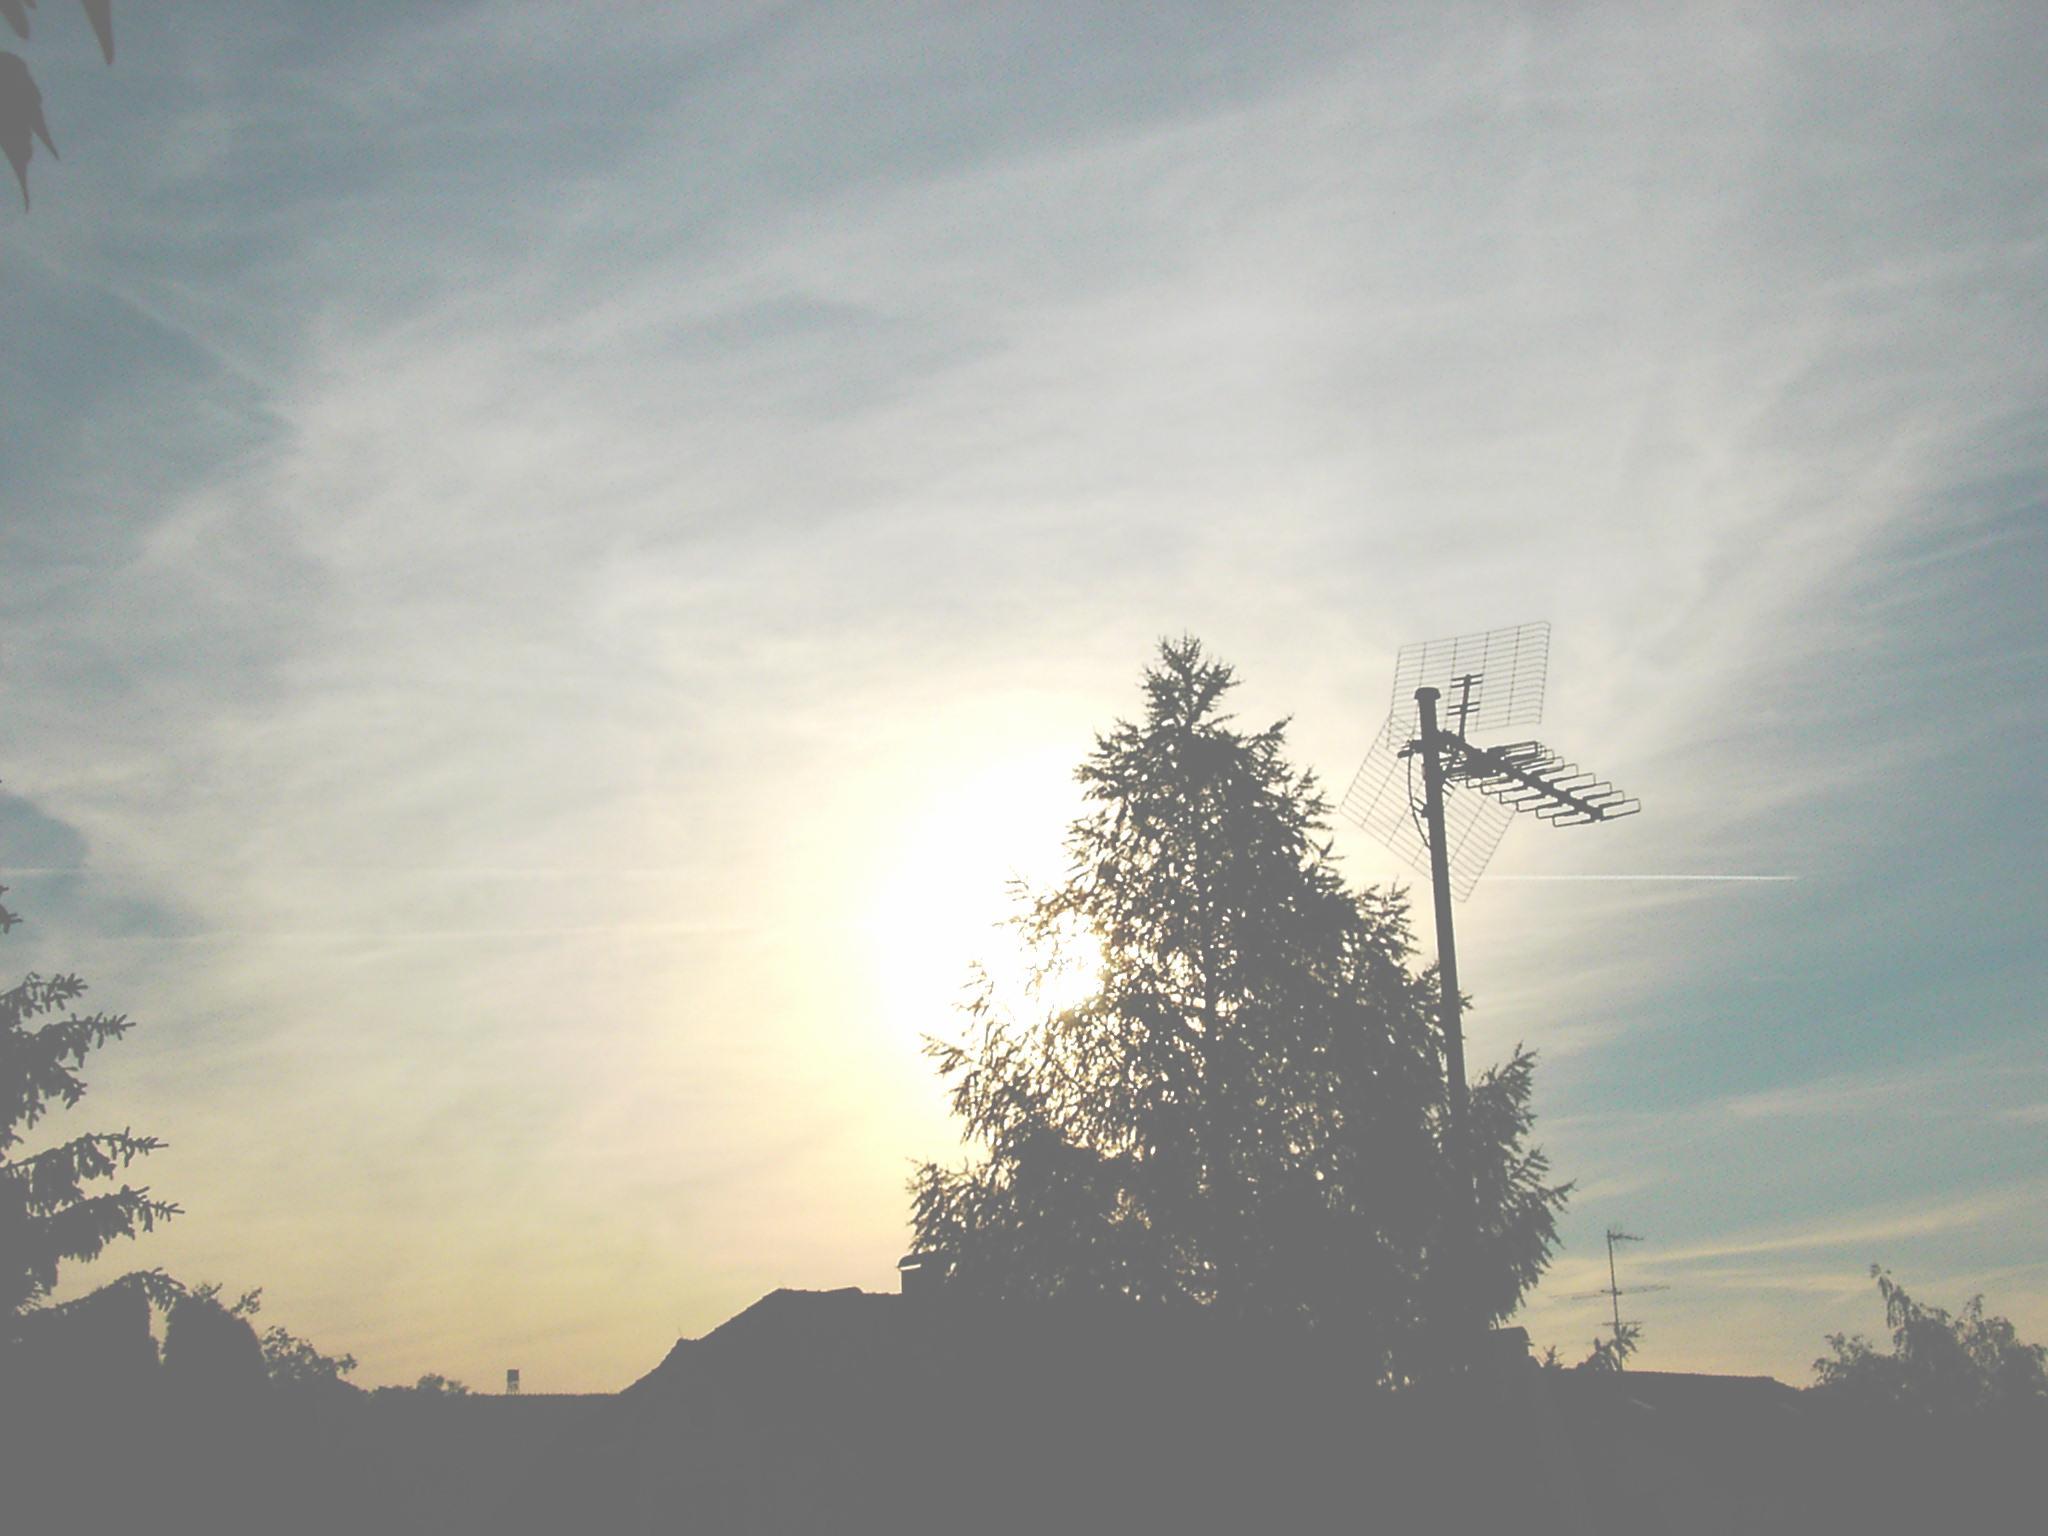 Zerstörung des Himmels durch Chemtrails